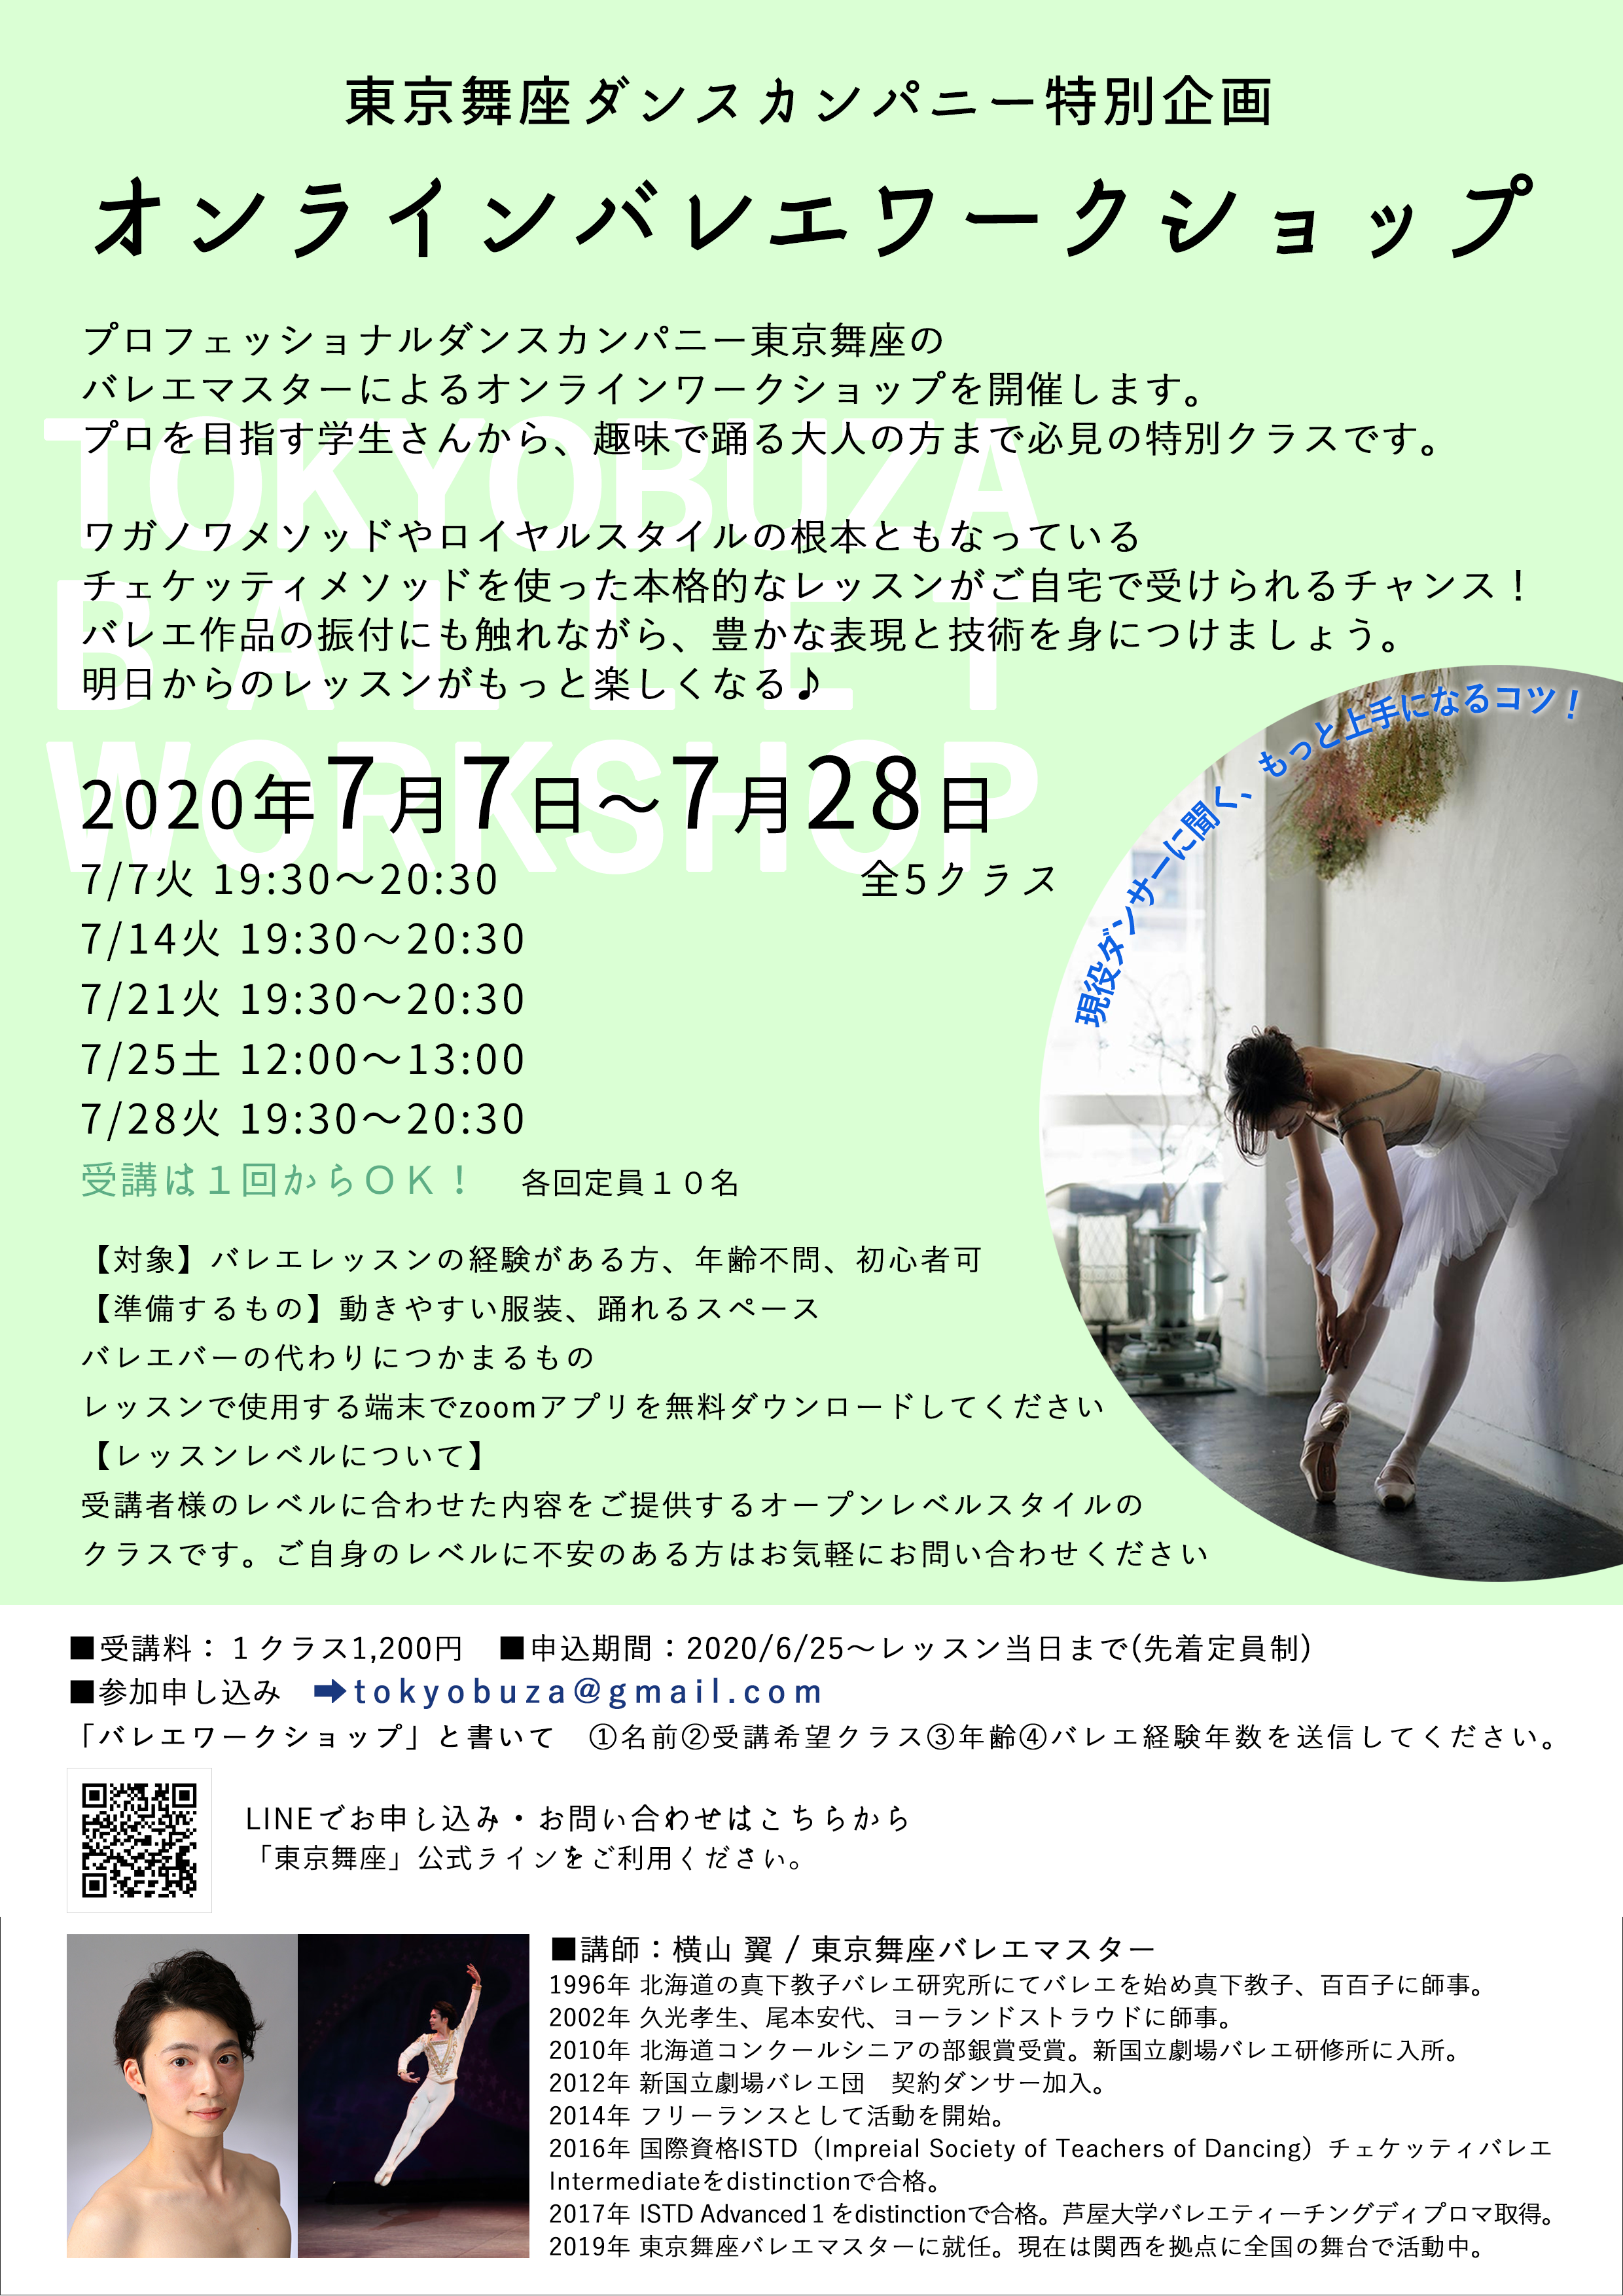 ダンスカンパニー東京舞座がバレエワークショップを開催!